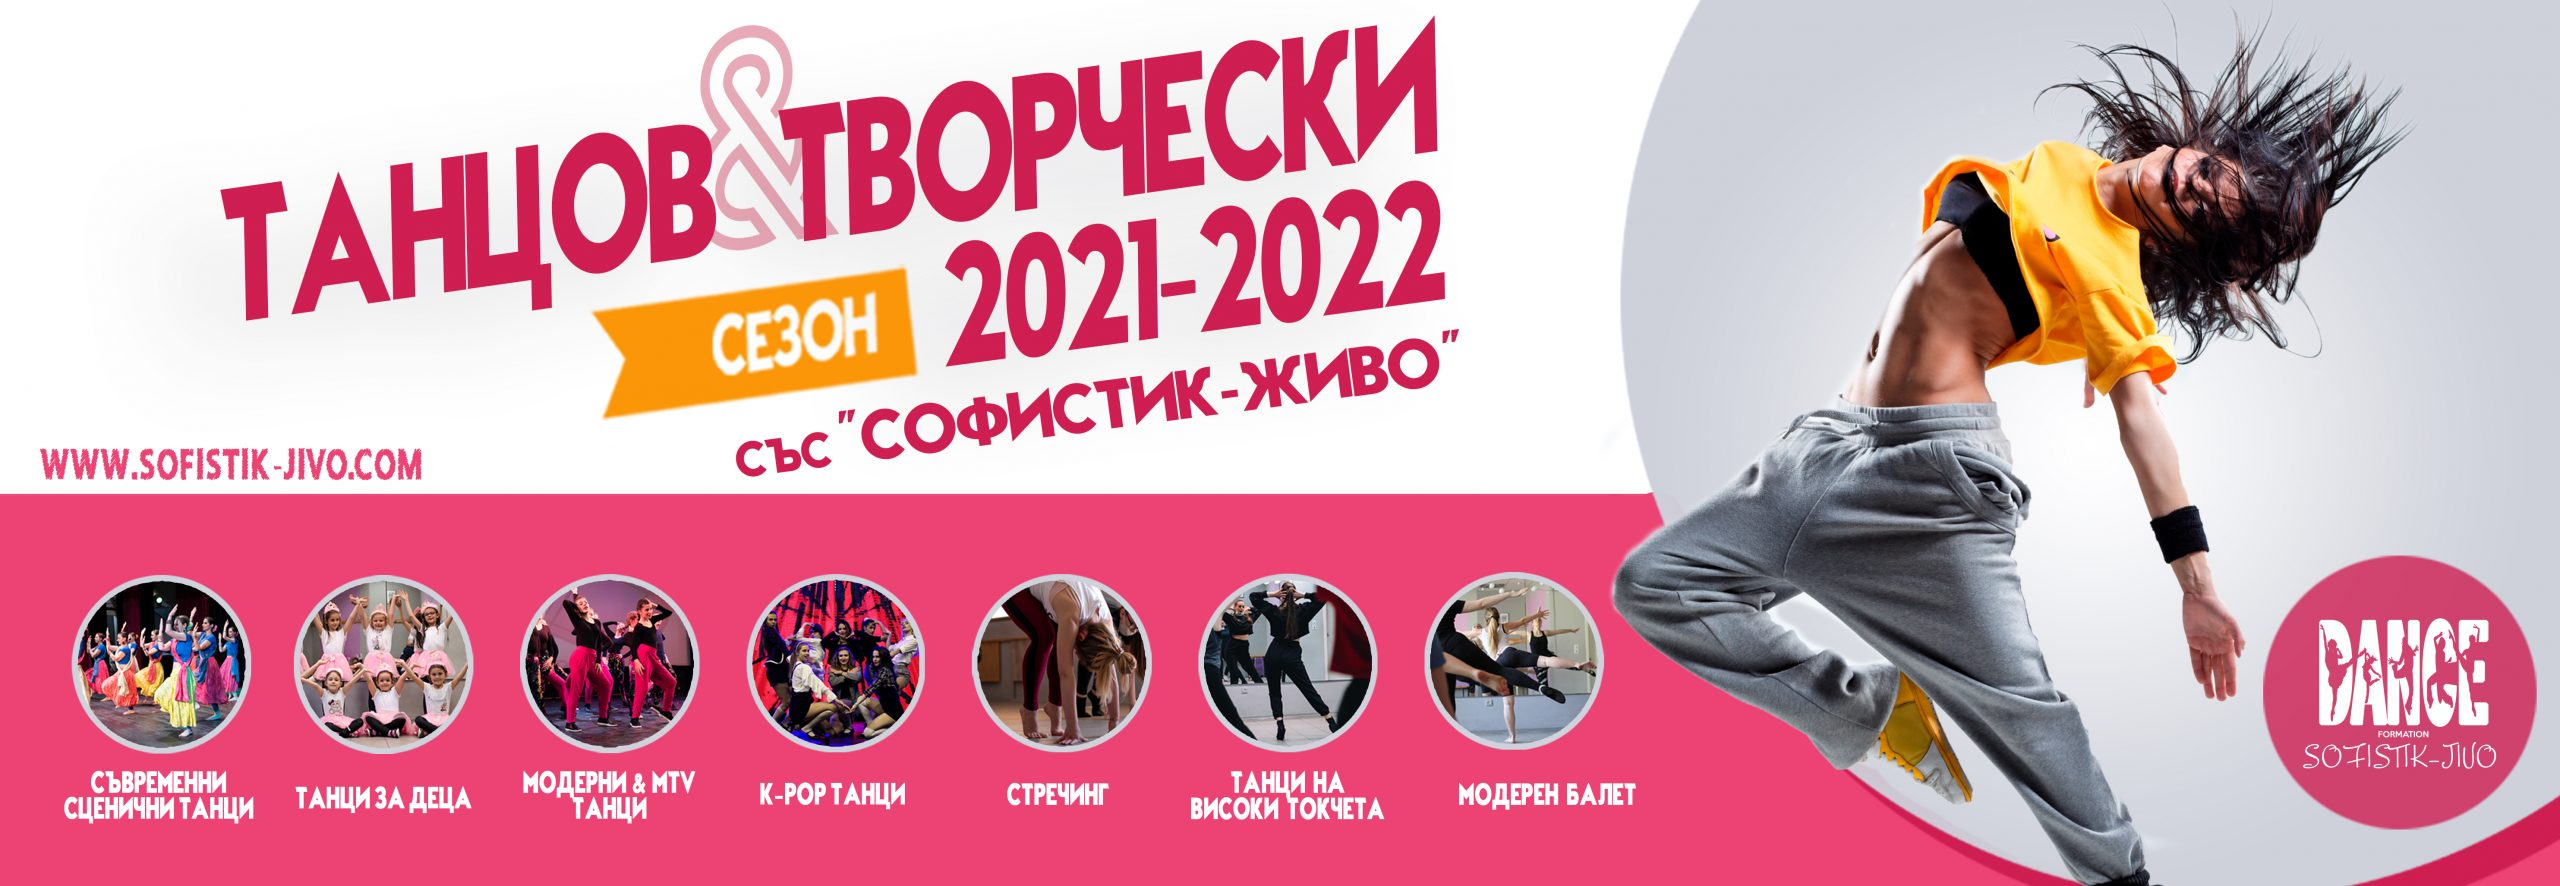 ТАНЦОВ И ТВОРЧЕСКИ СЕЗОН 2021-2022